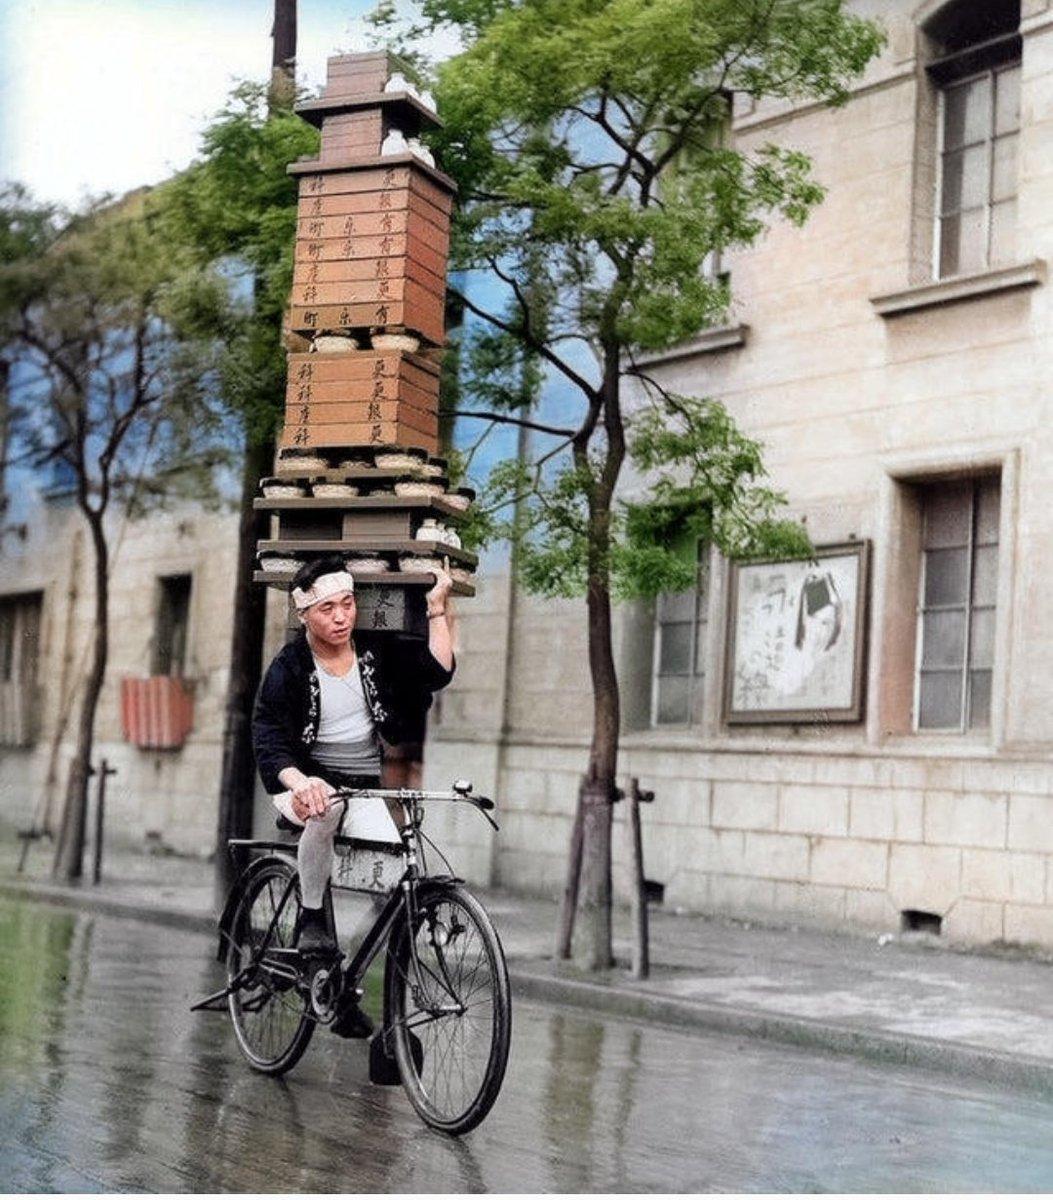 مهارت عجیب پیک دوچرخه سوار ژاپنی + عکس